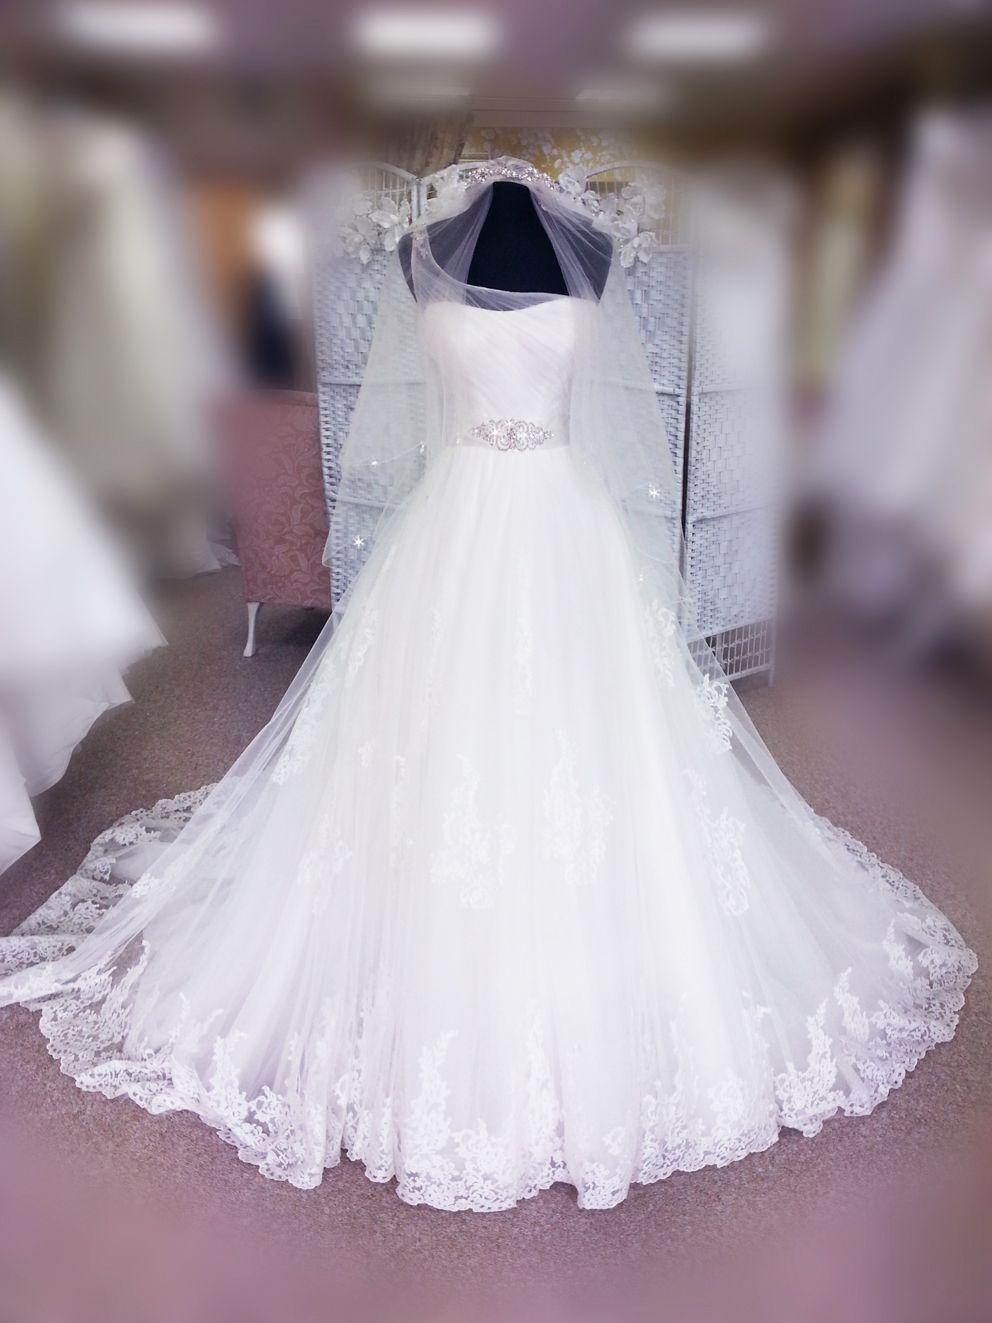 fd03aa221daa Melanie Dress in Dorothy Rose Bridal Boutique www.dorothyrosebridal.com  #lace #princess #weddingdress